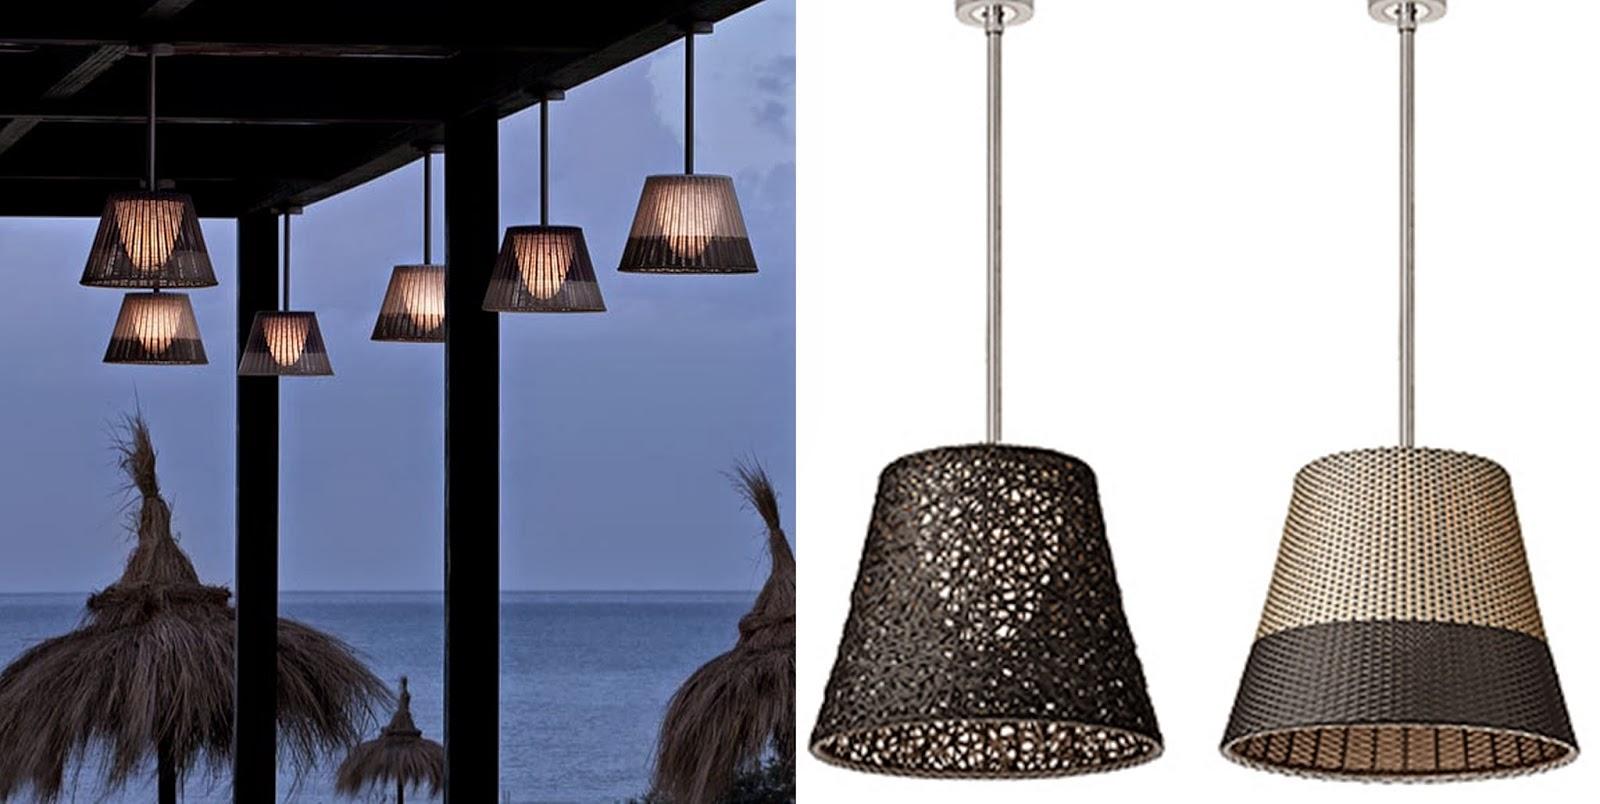 Plafoniere Per Esterno Ikea : Applique da esterno ikea cool trova le migliori lampade muro